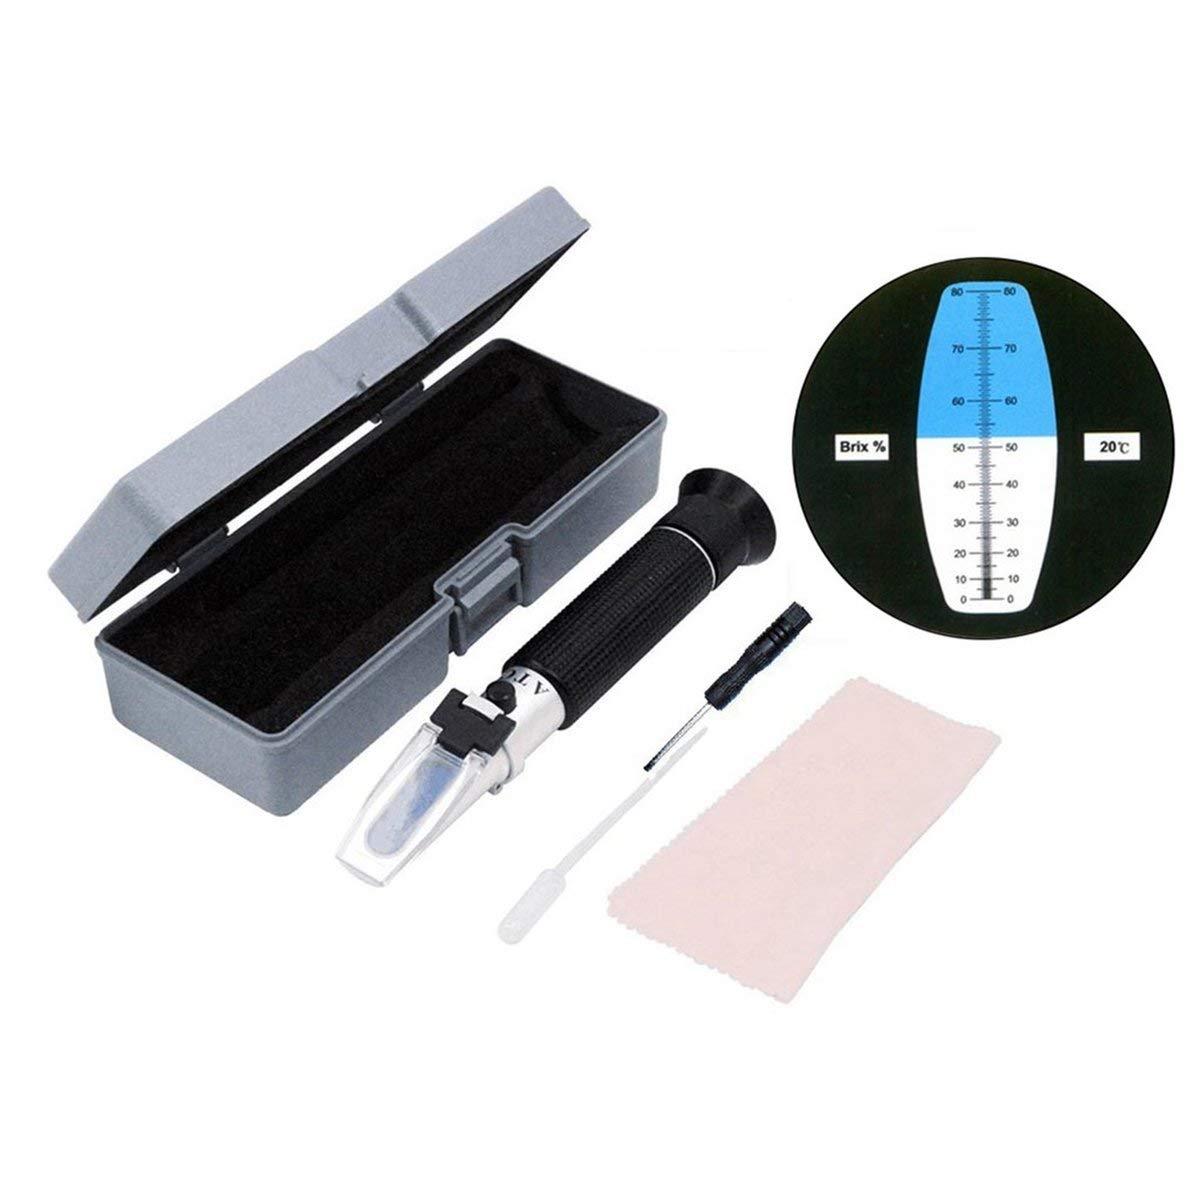 Moliies 0-80% brix Miel Tenu dans la Main de Mesure très précise équipement Portable réfractomètre de Miel Apiculteur mètre matériel